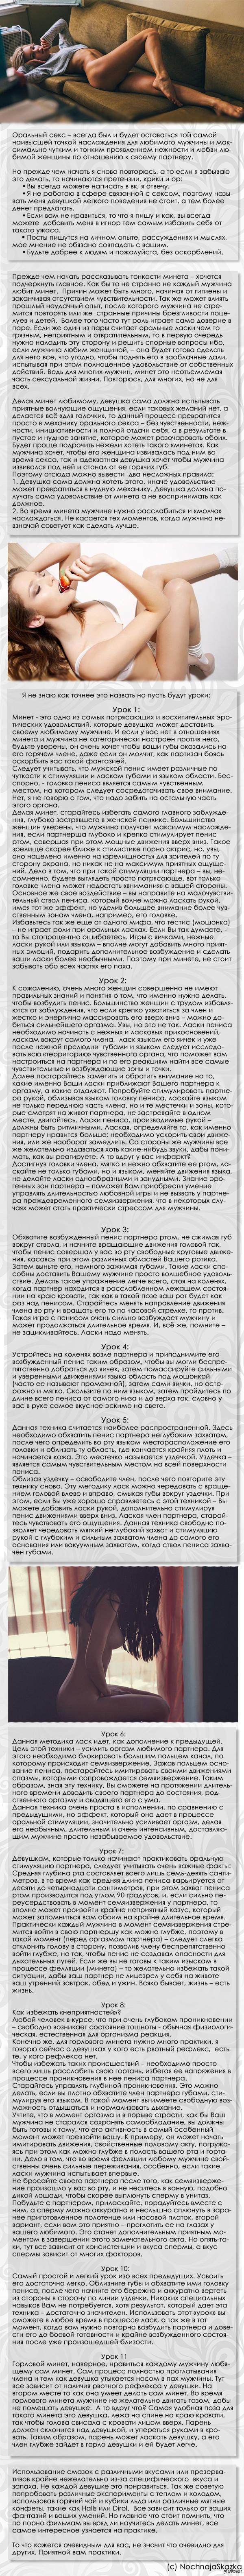 ха-ха пацталом))))) порно ворлд оф варкрафт Эта информация верна